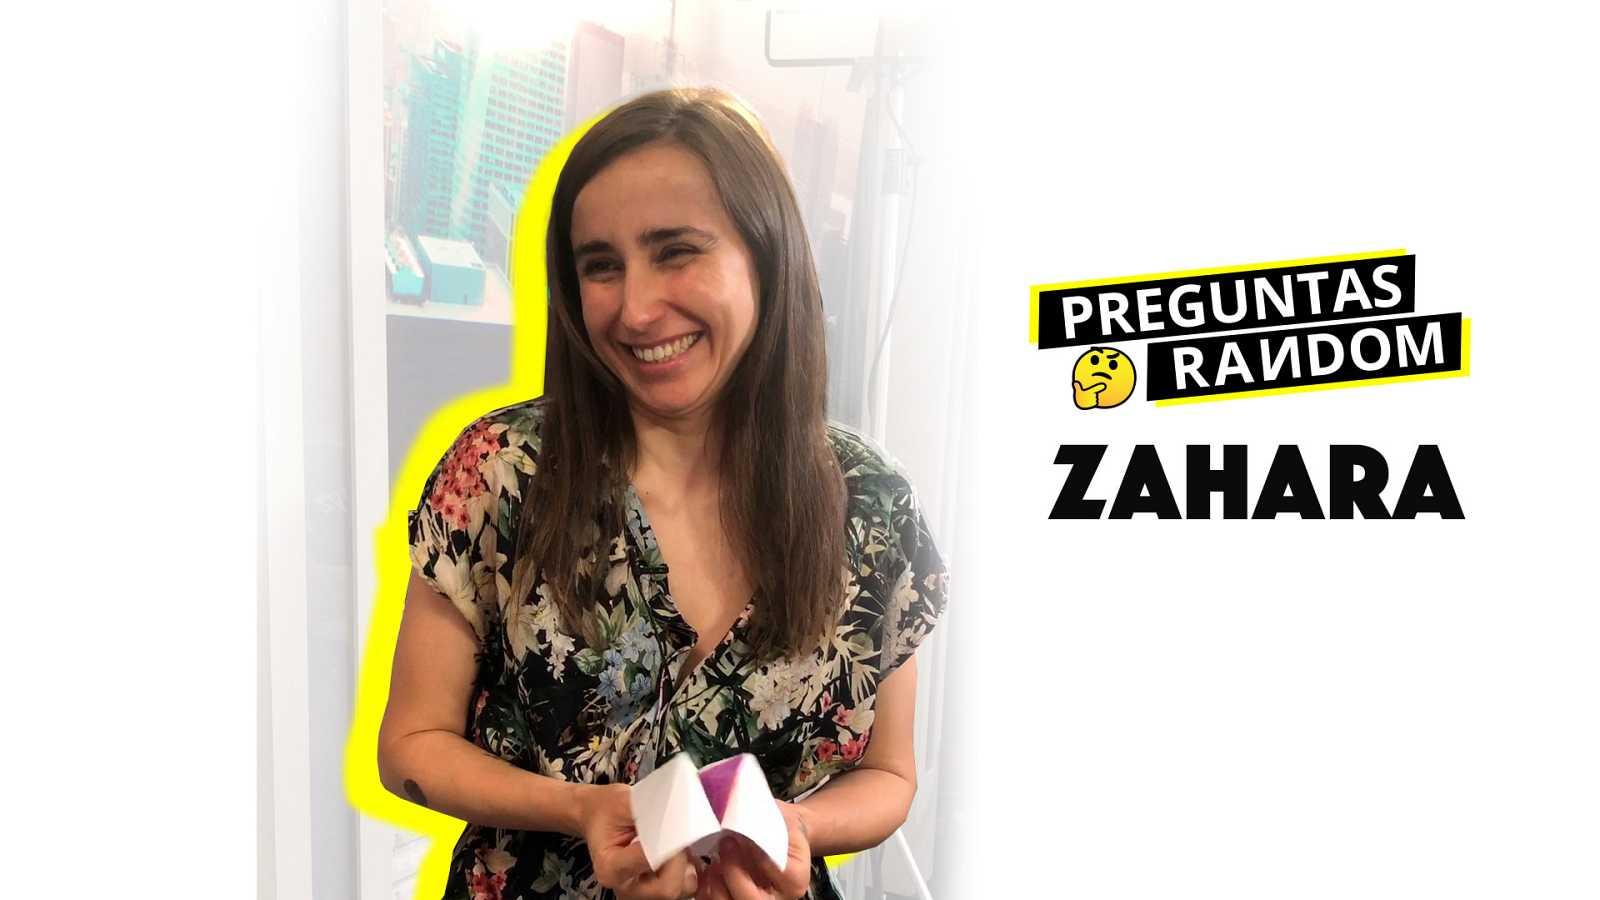 Asignaturas pendientes y otros sueños por cumplir con Zahara